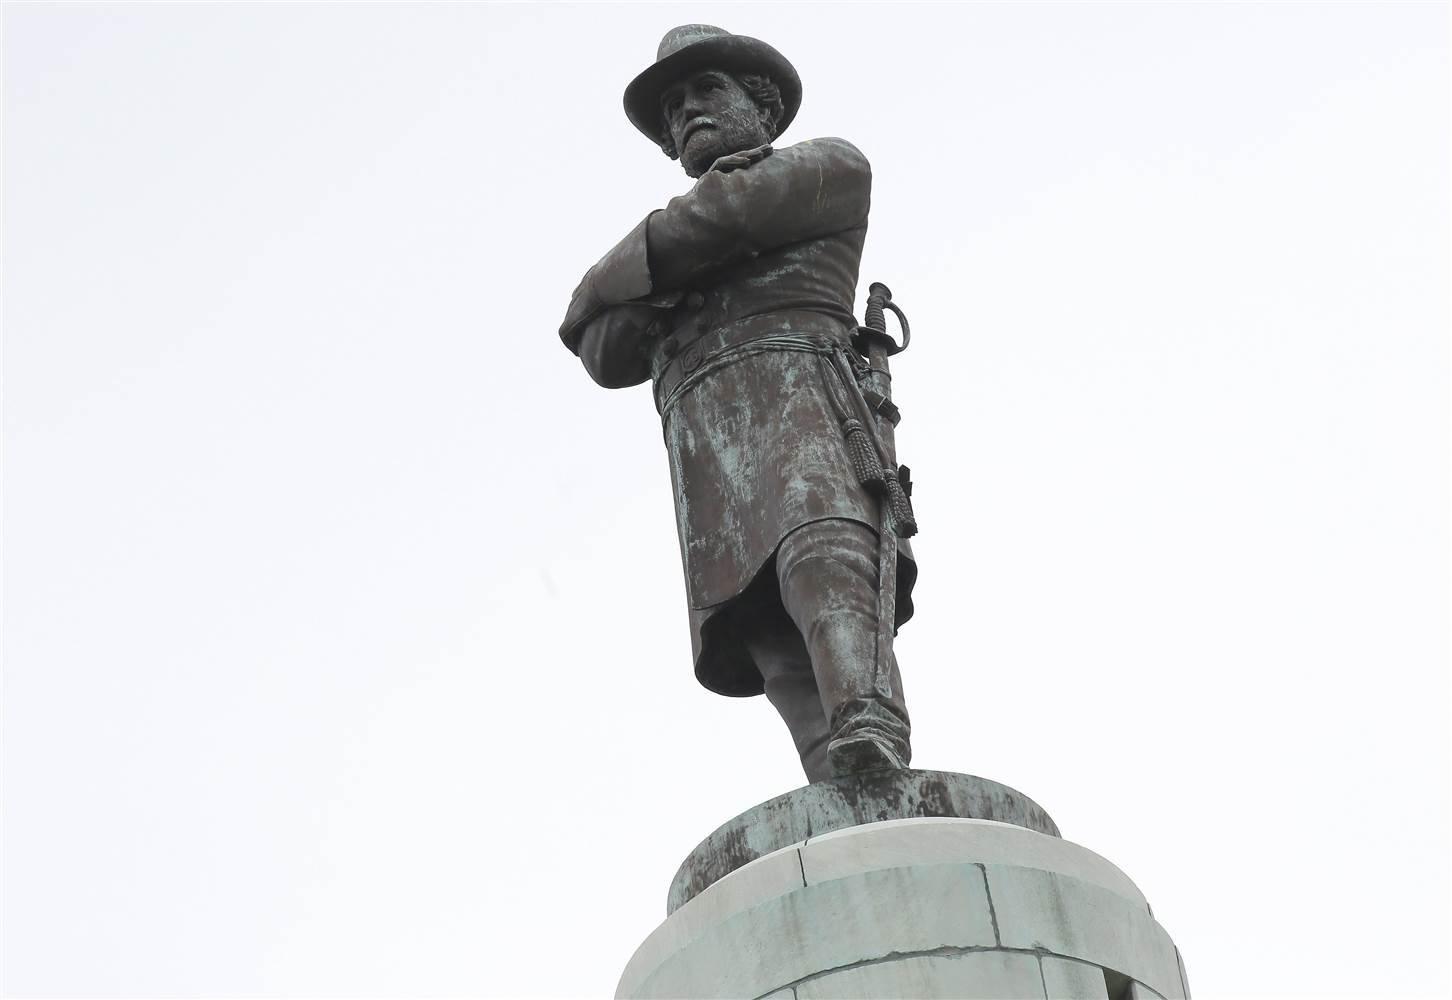 Институт вСеверной Каролине убрал сосвоей территории статую генерала конфедератов